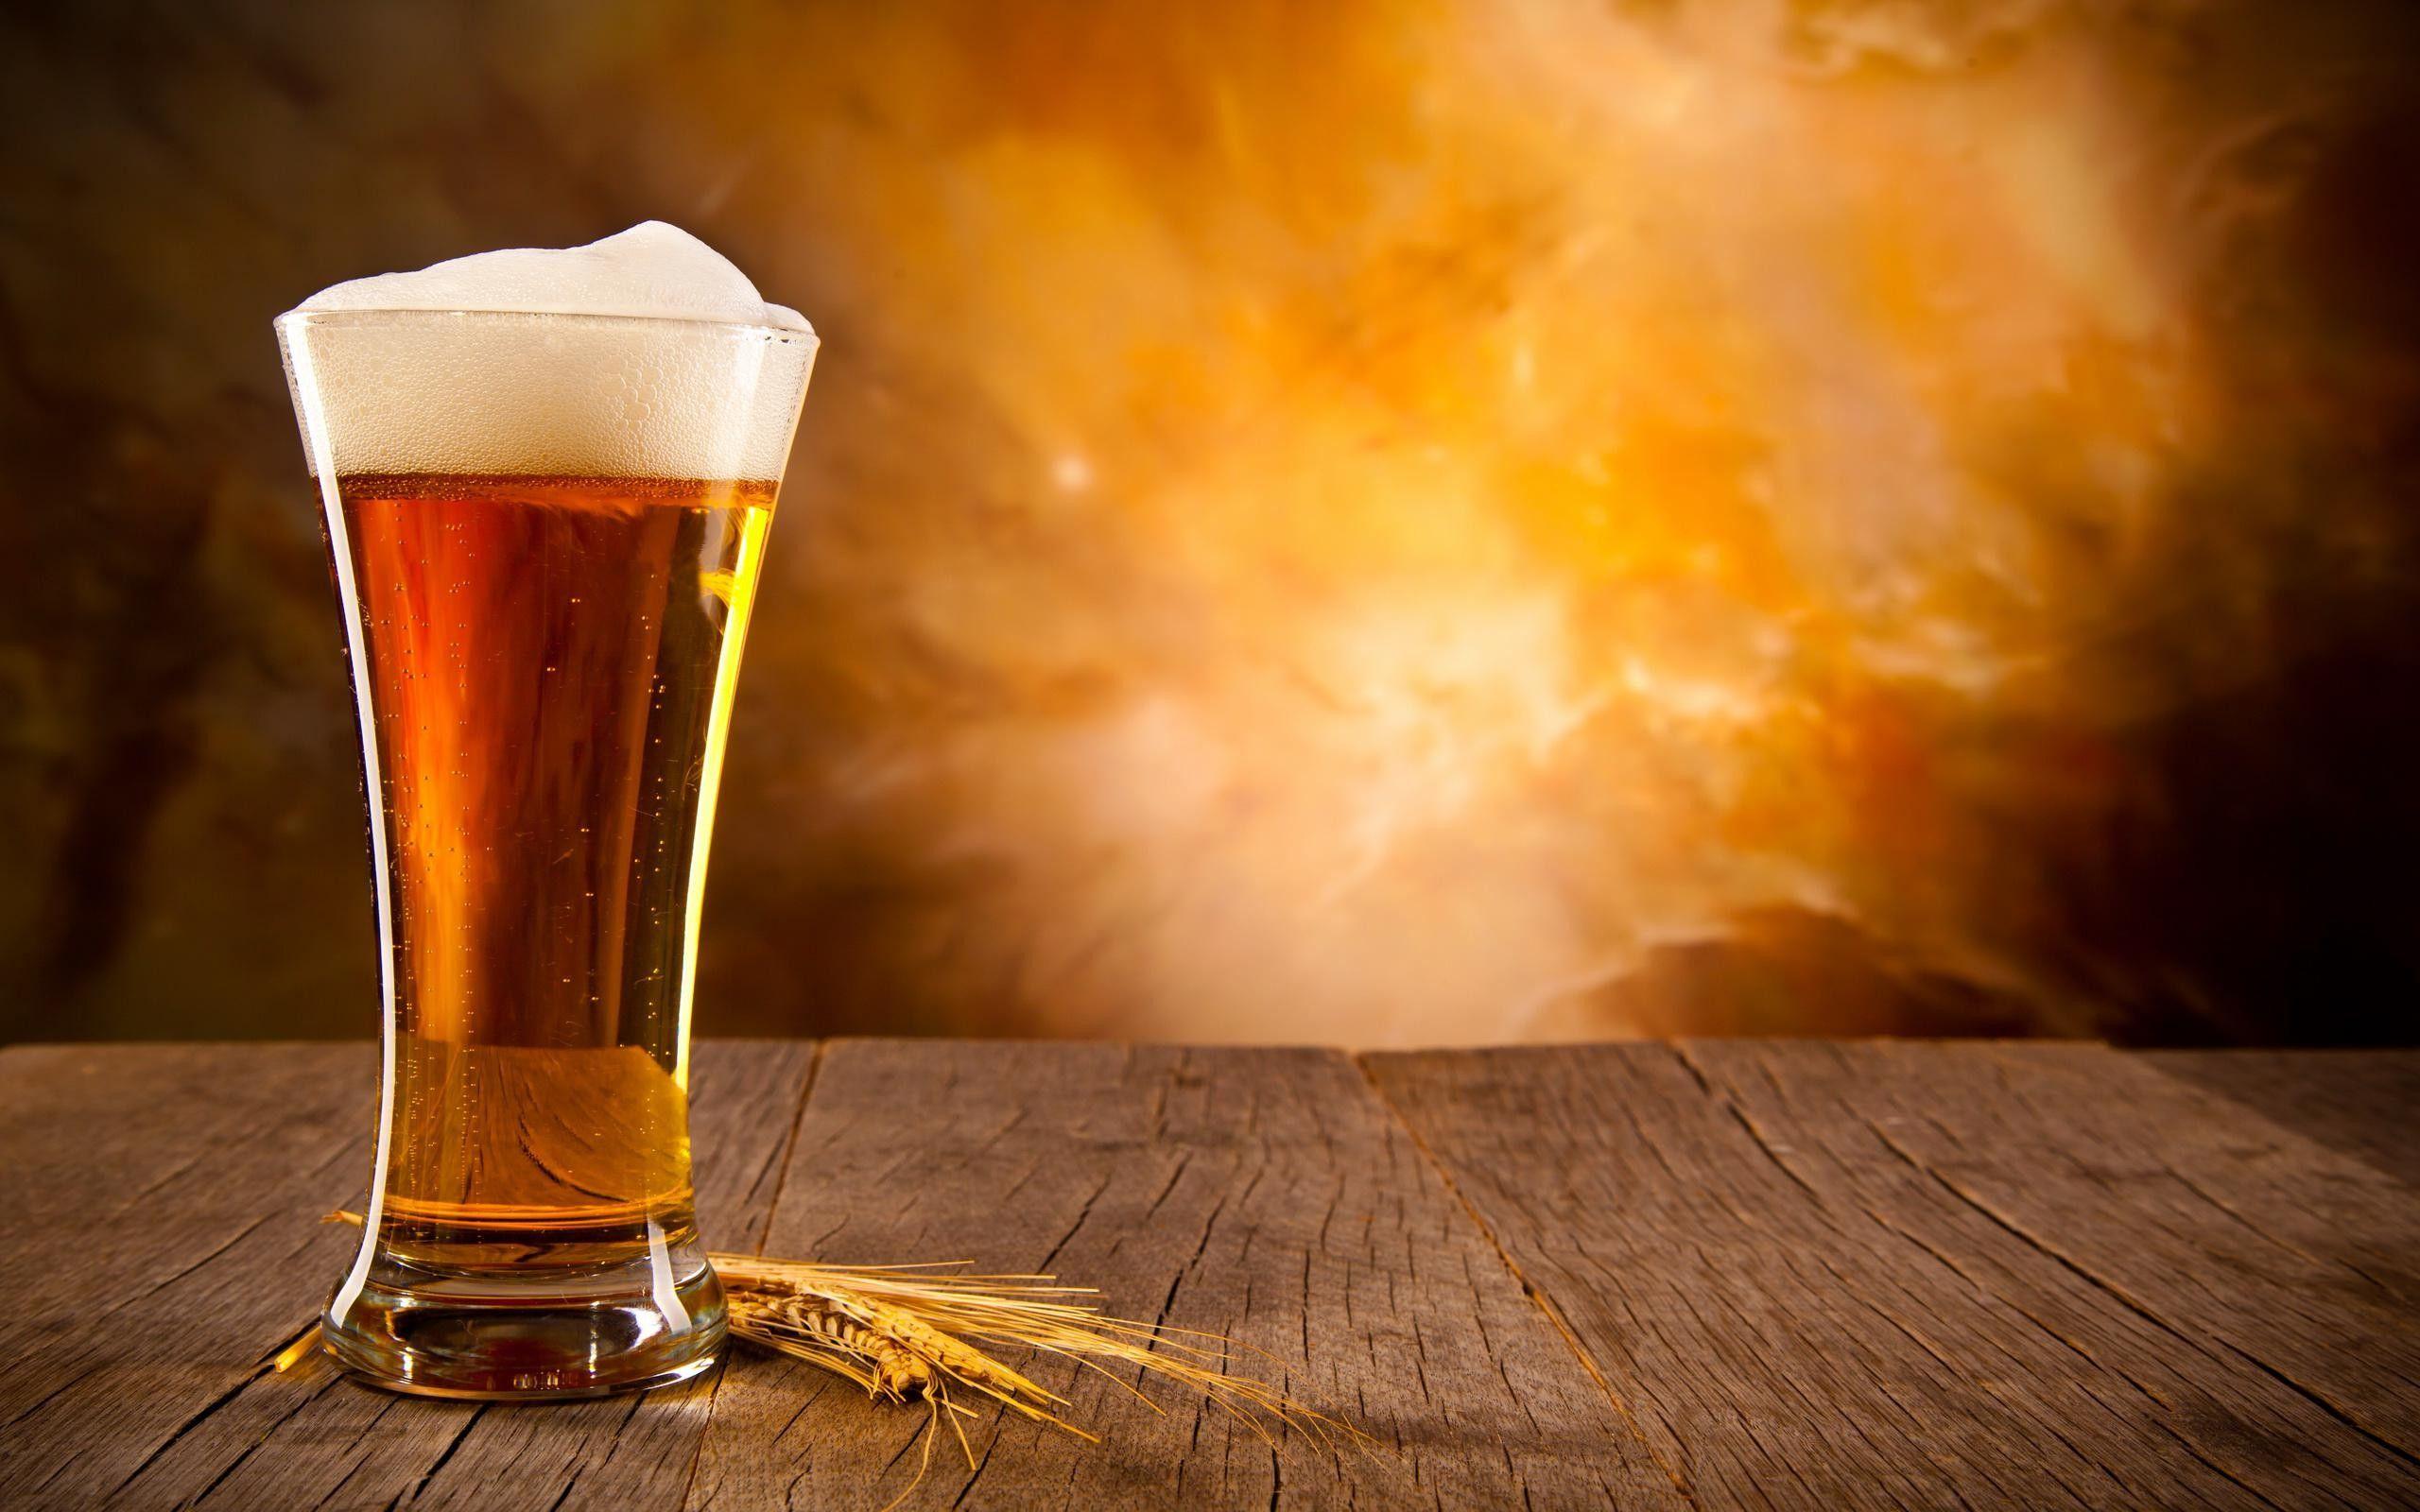 Wallpapers Beer Widescreen Beer Wallpaper Beautiful Beer Bottles Beautiful Beer